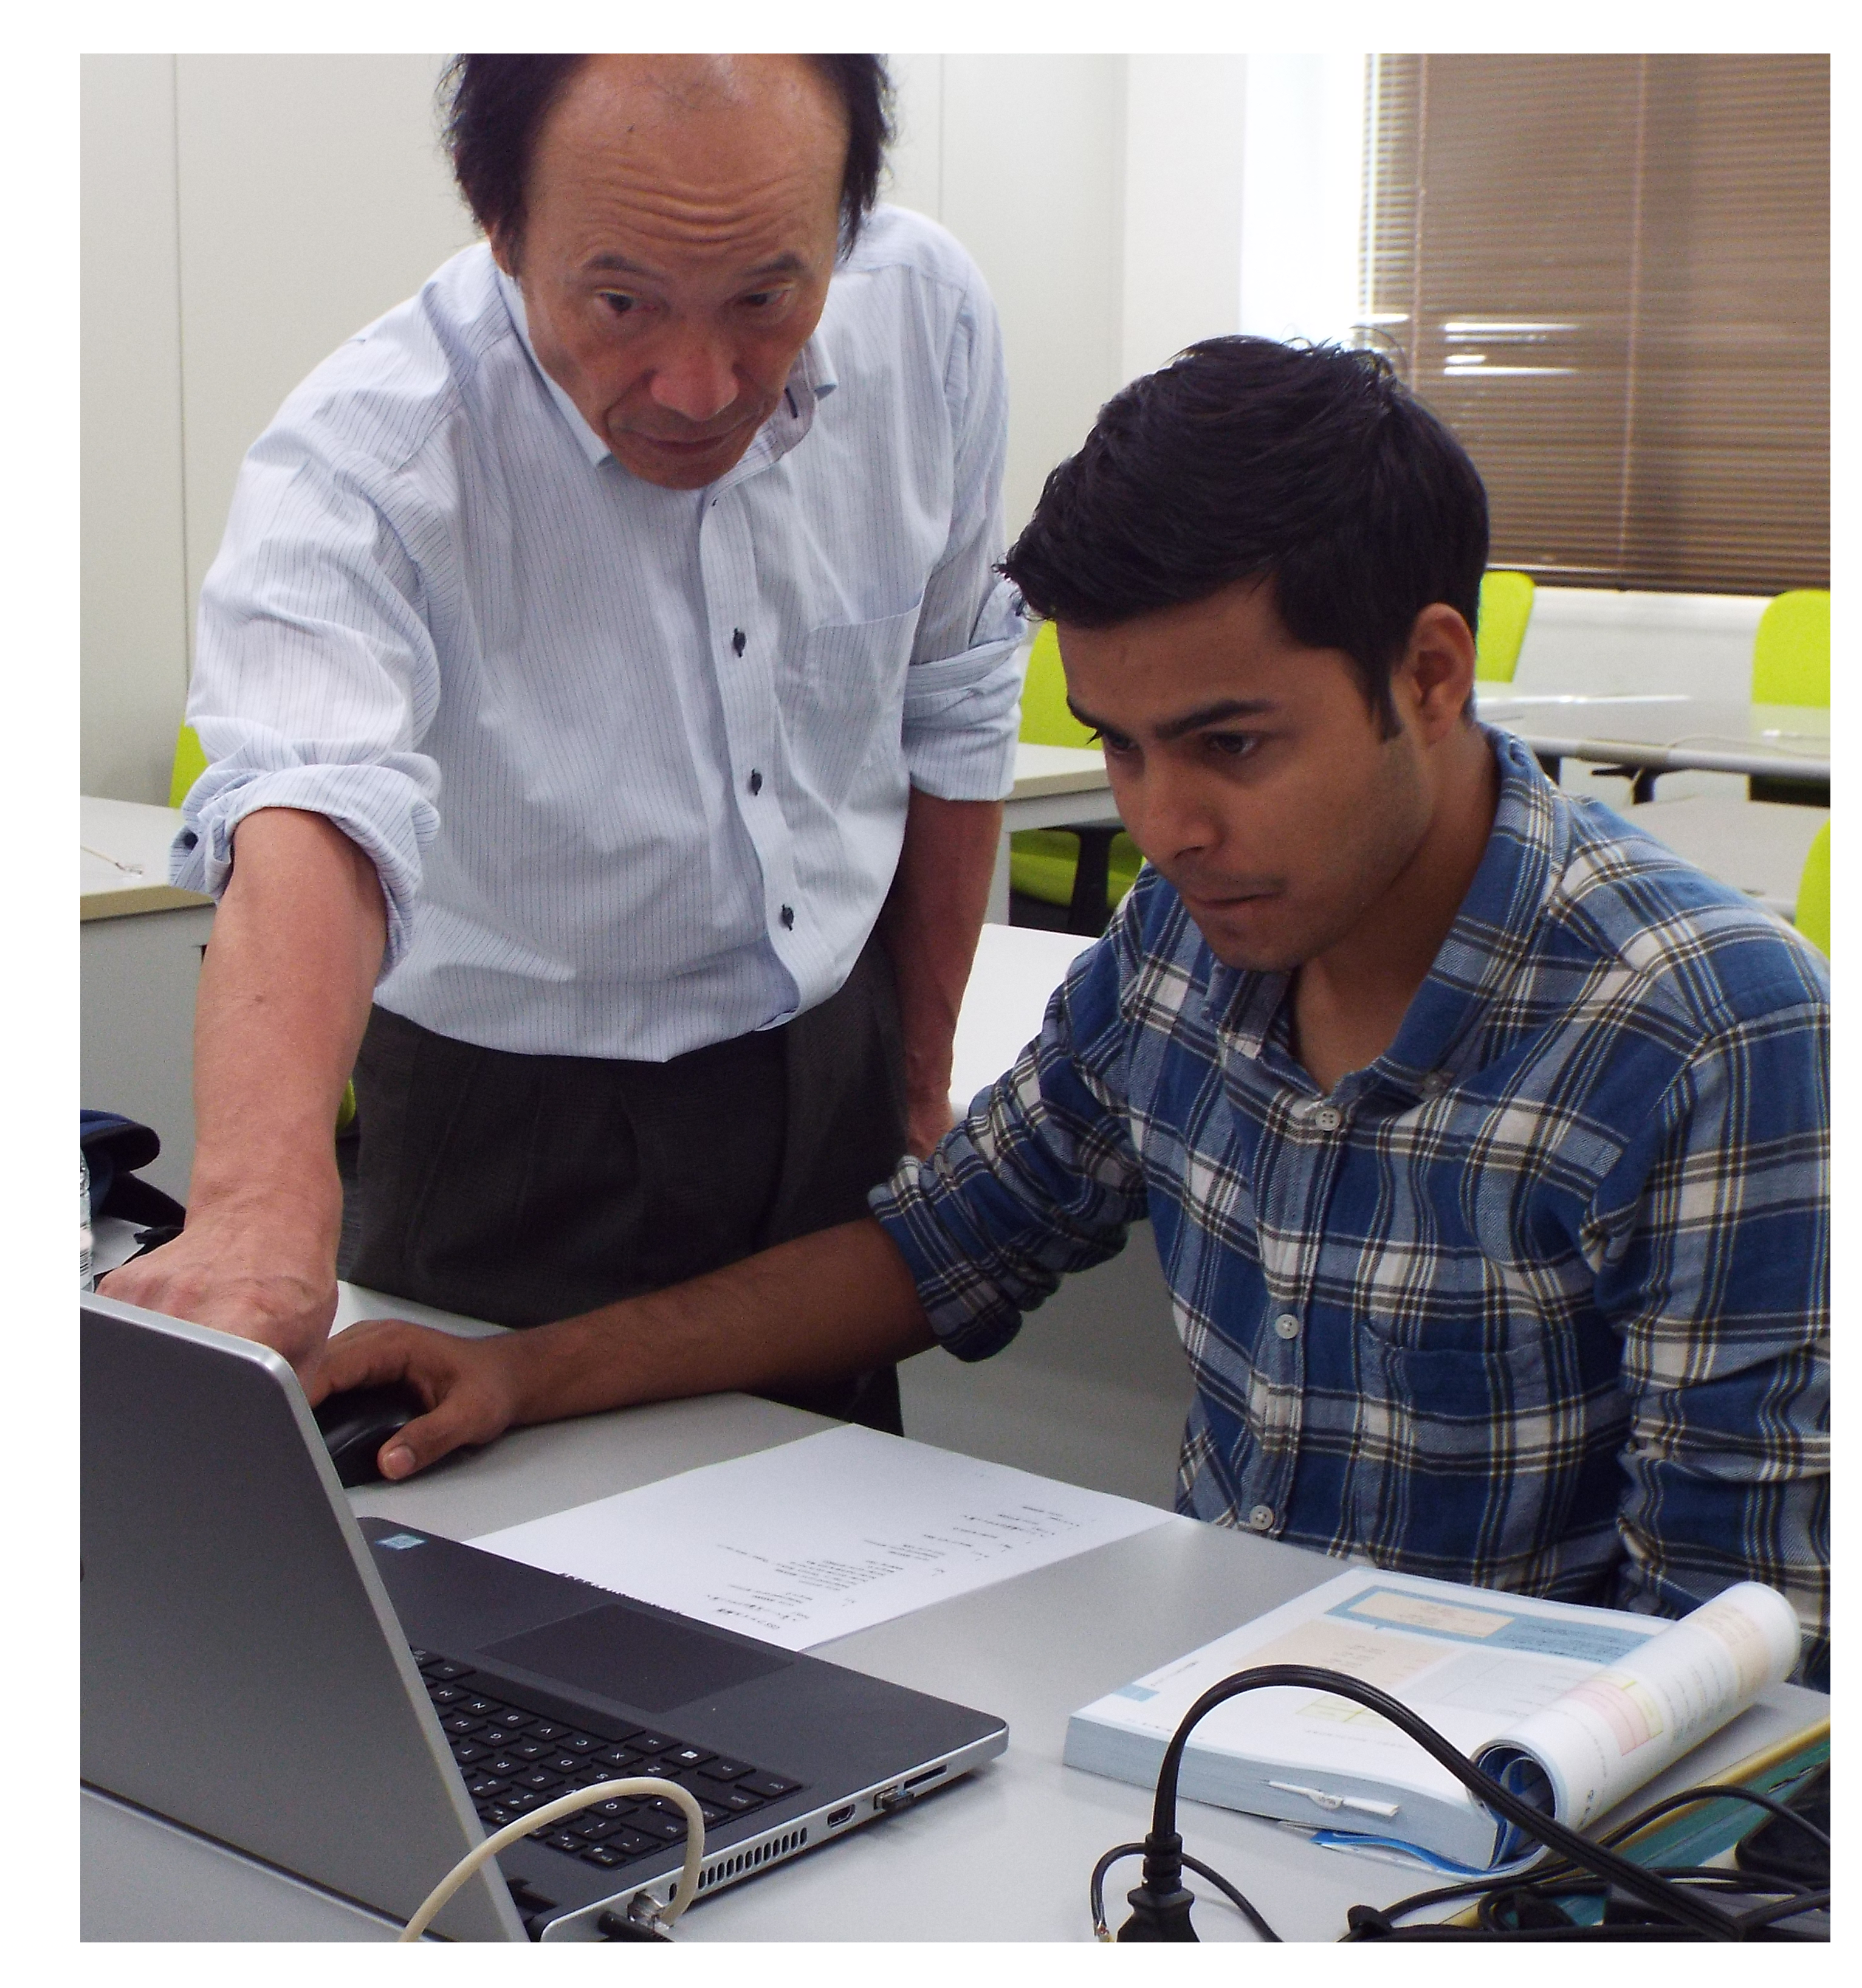 パソコンを勉強している留学生